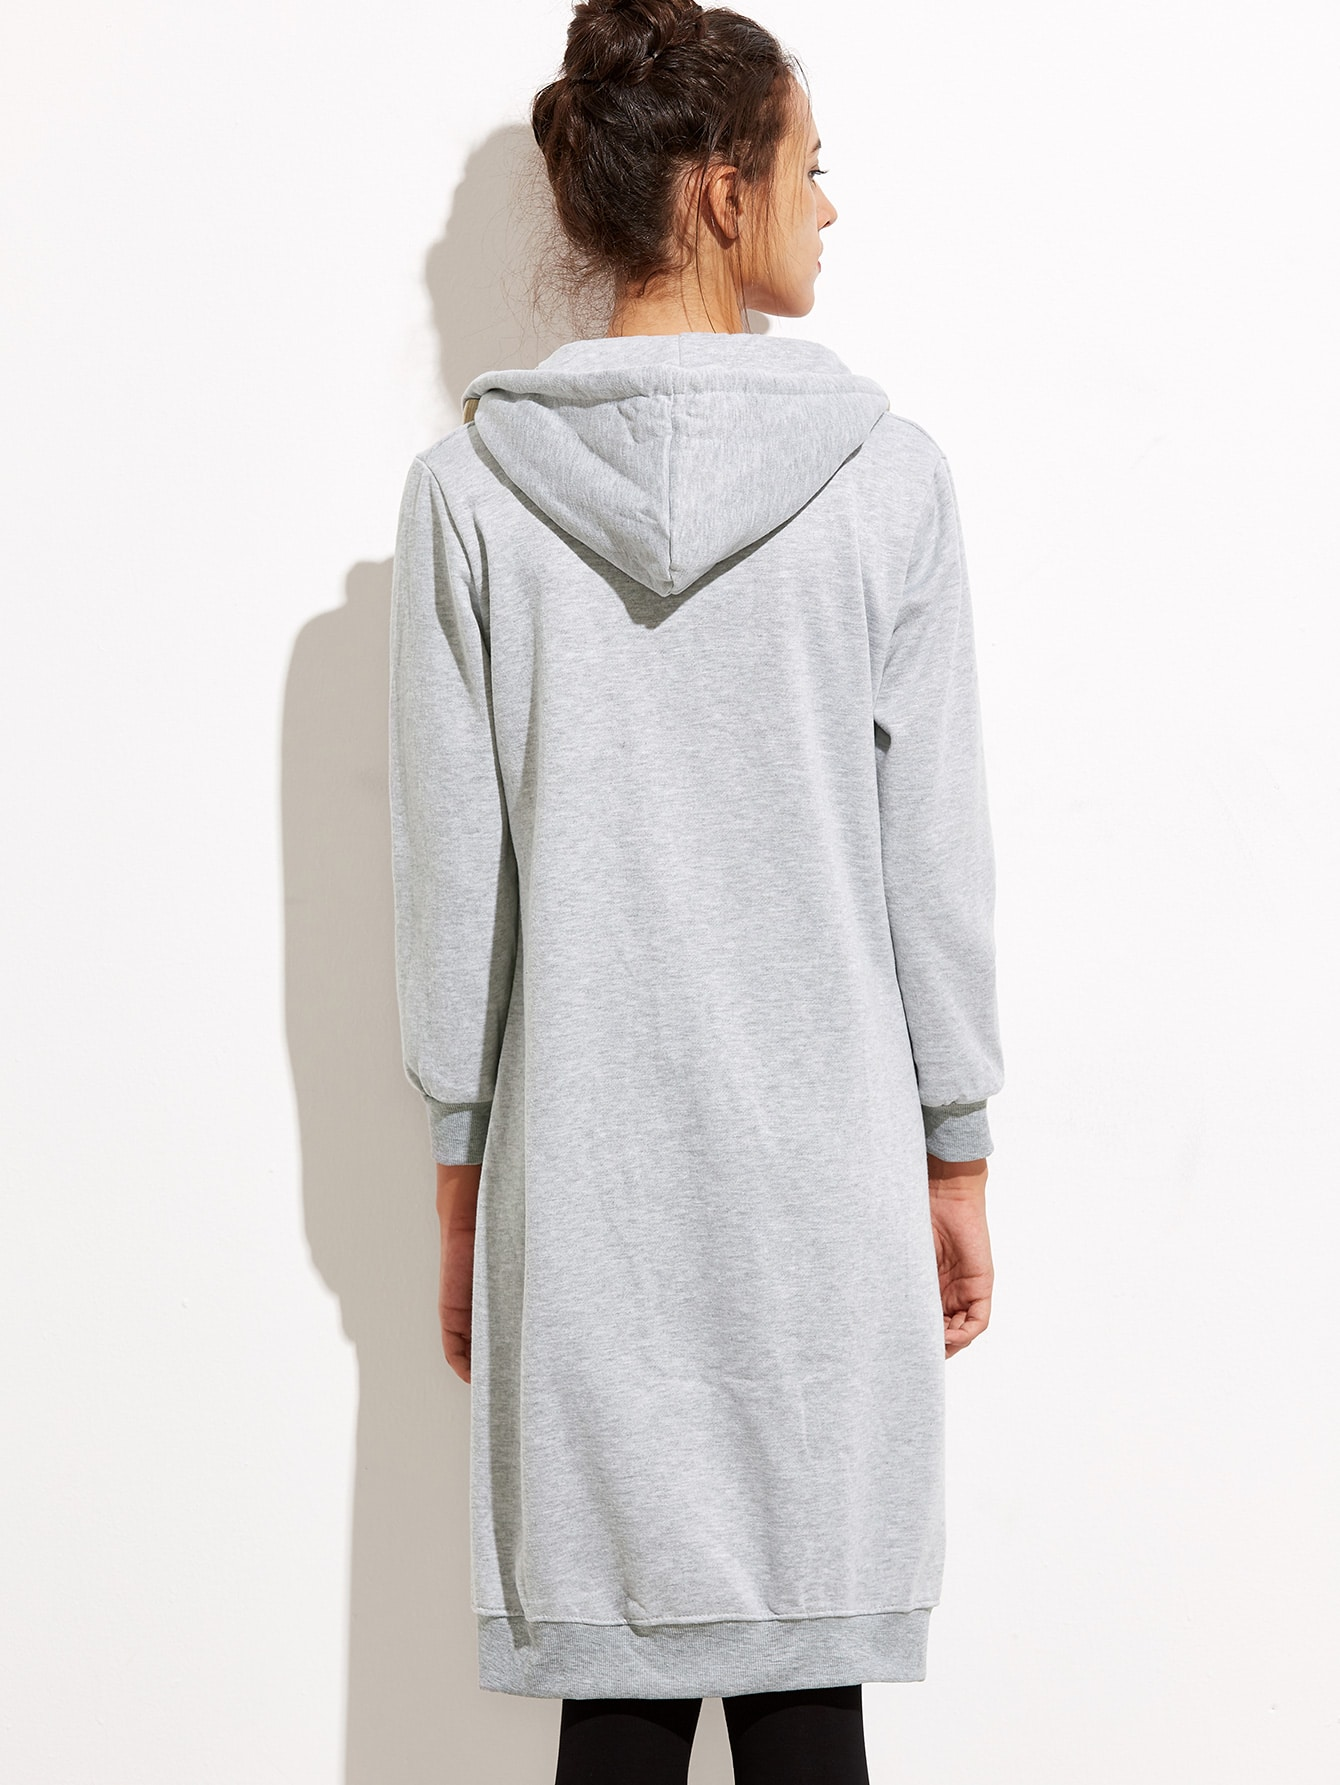 sweatshirt160921101_2